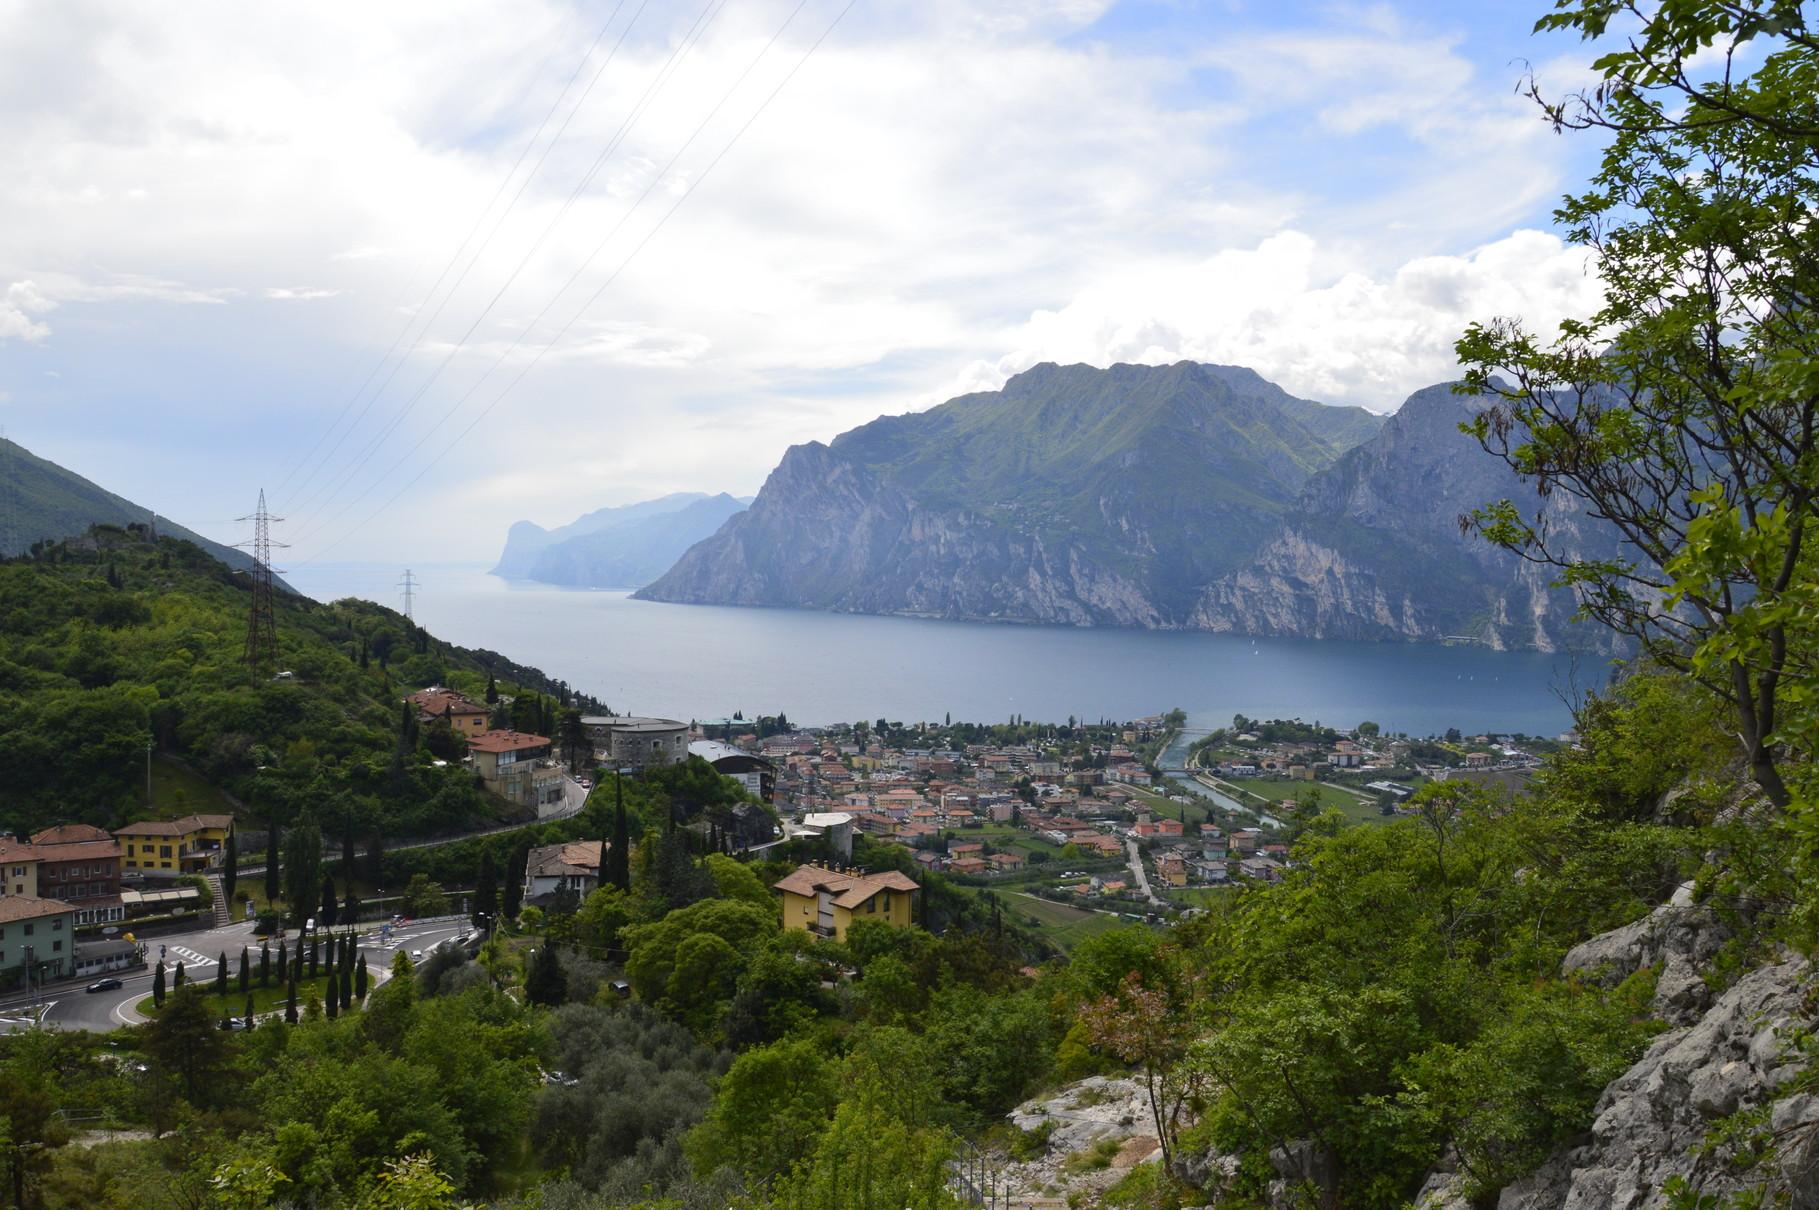 Blick vom Klettergebiet Belvedere auf den Gardasee